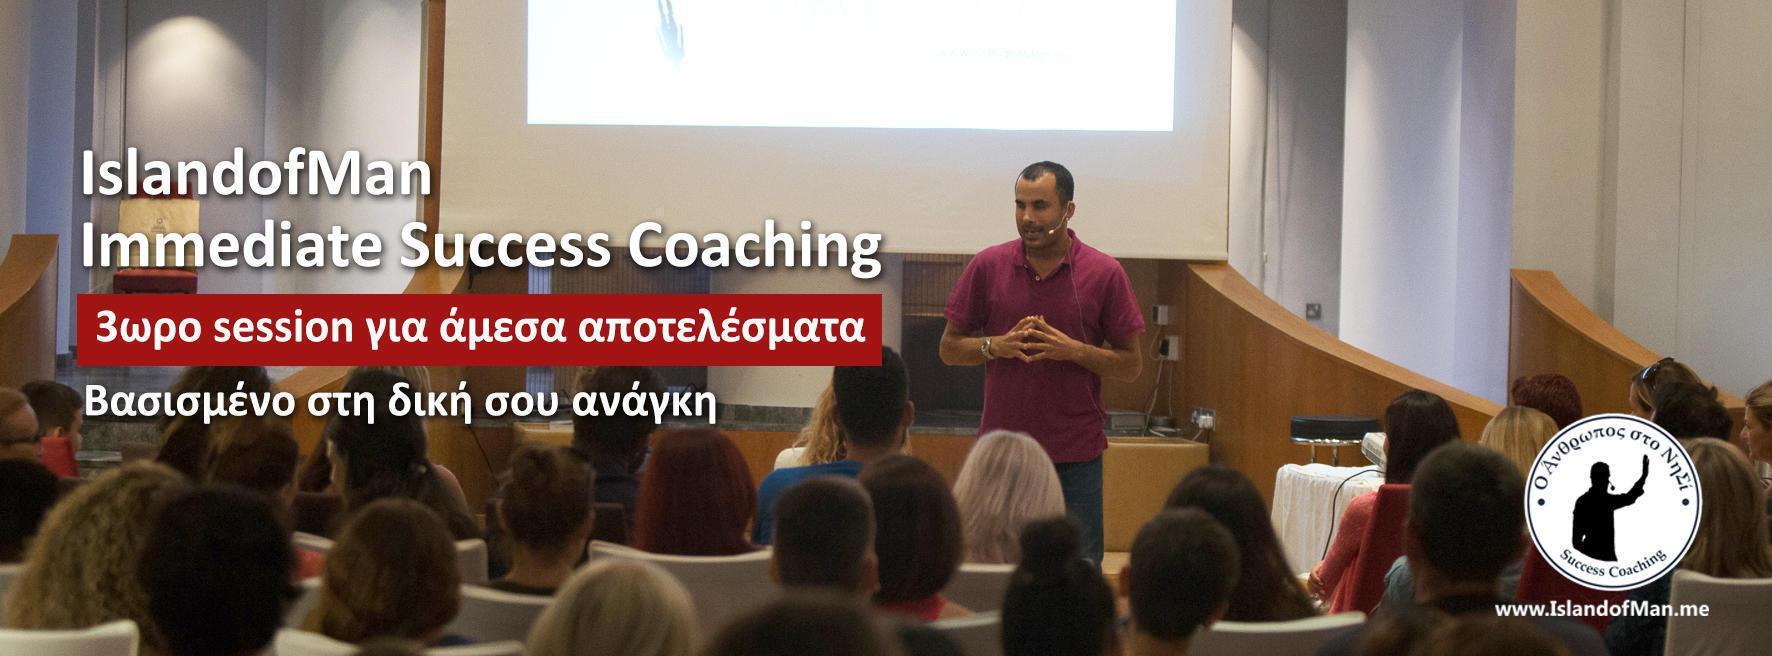 immediate_coaching_slide